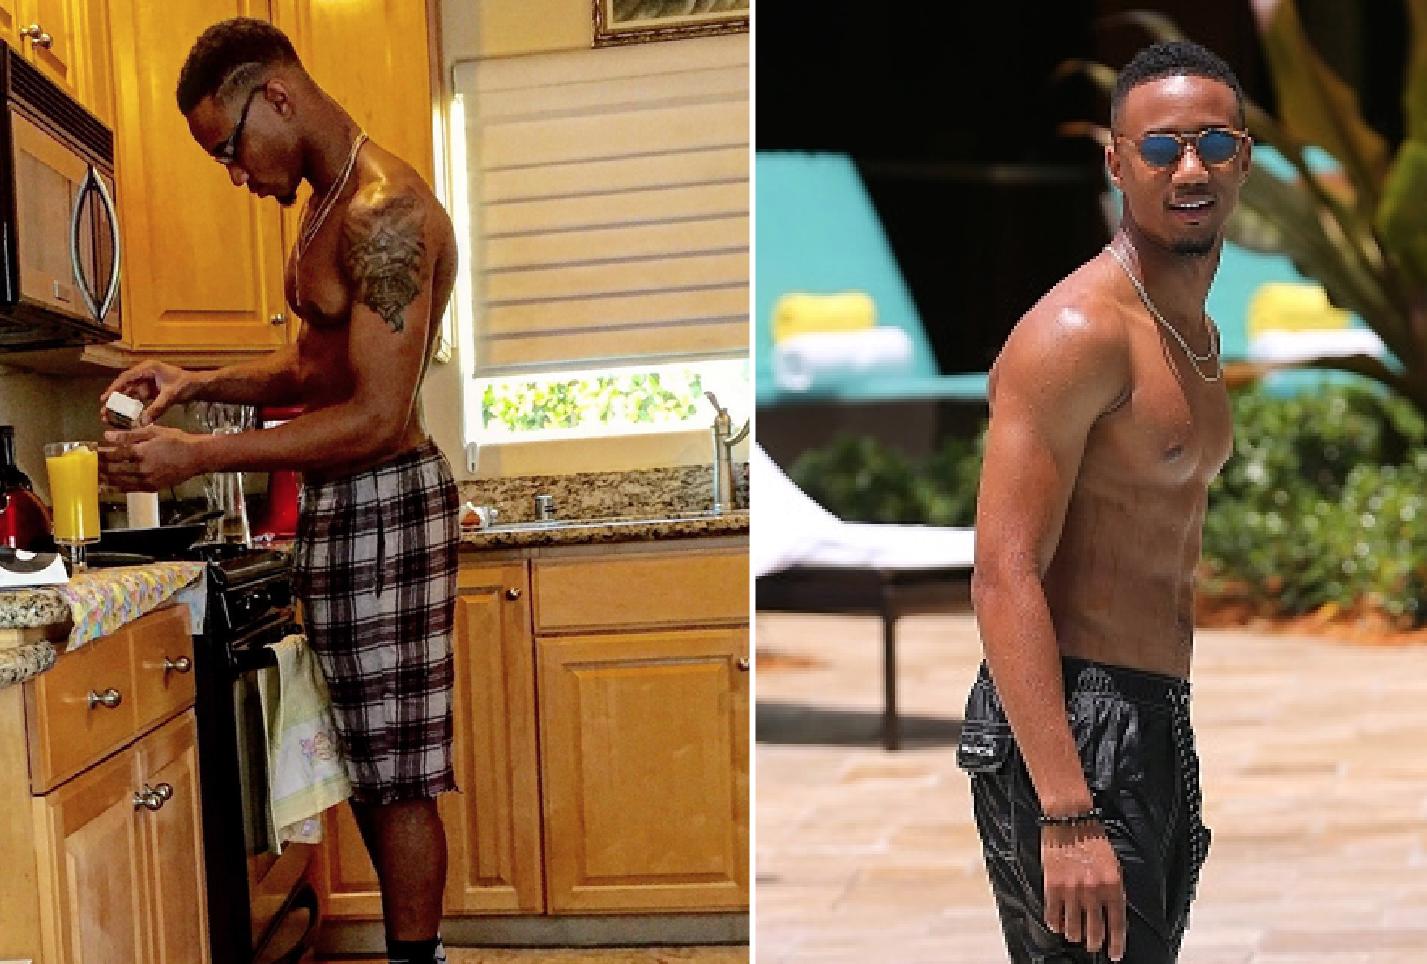 Nude Photos Of Usher